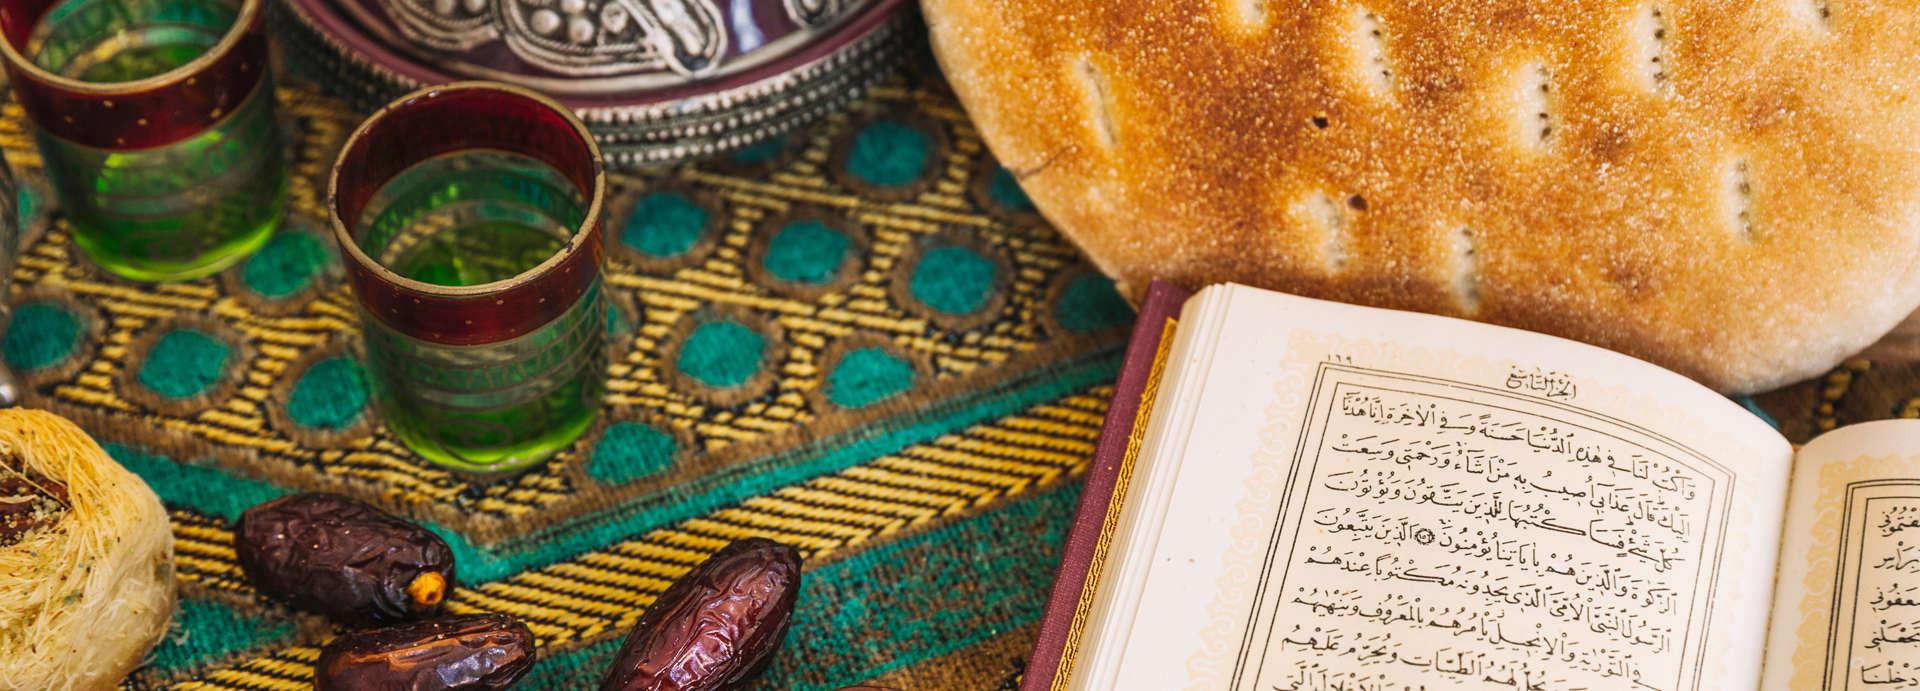 ماه مبارک رمضان - ویکی ووک